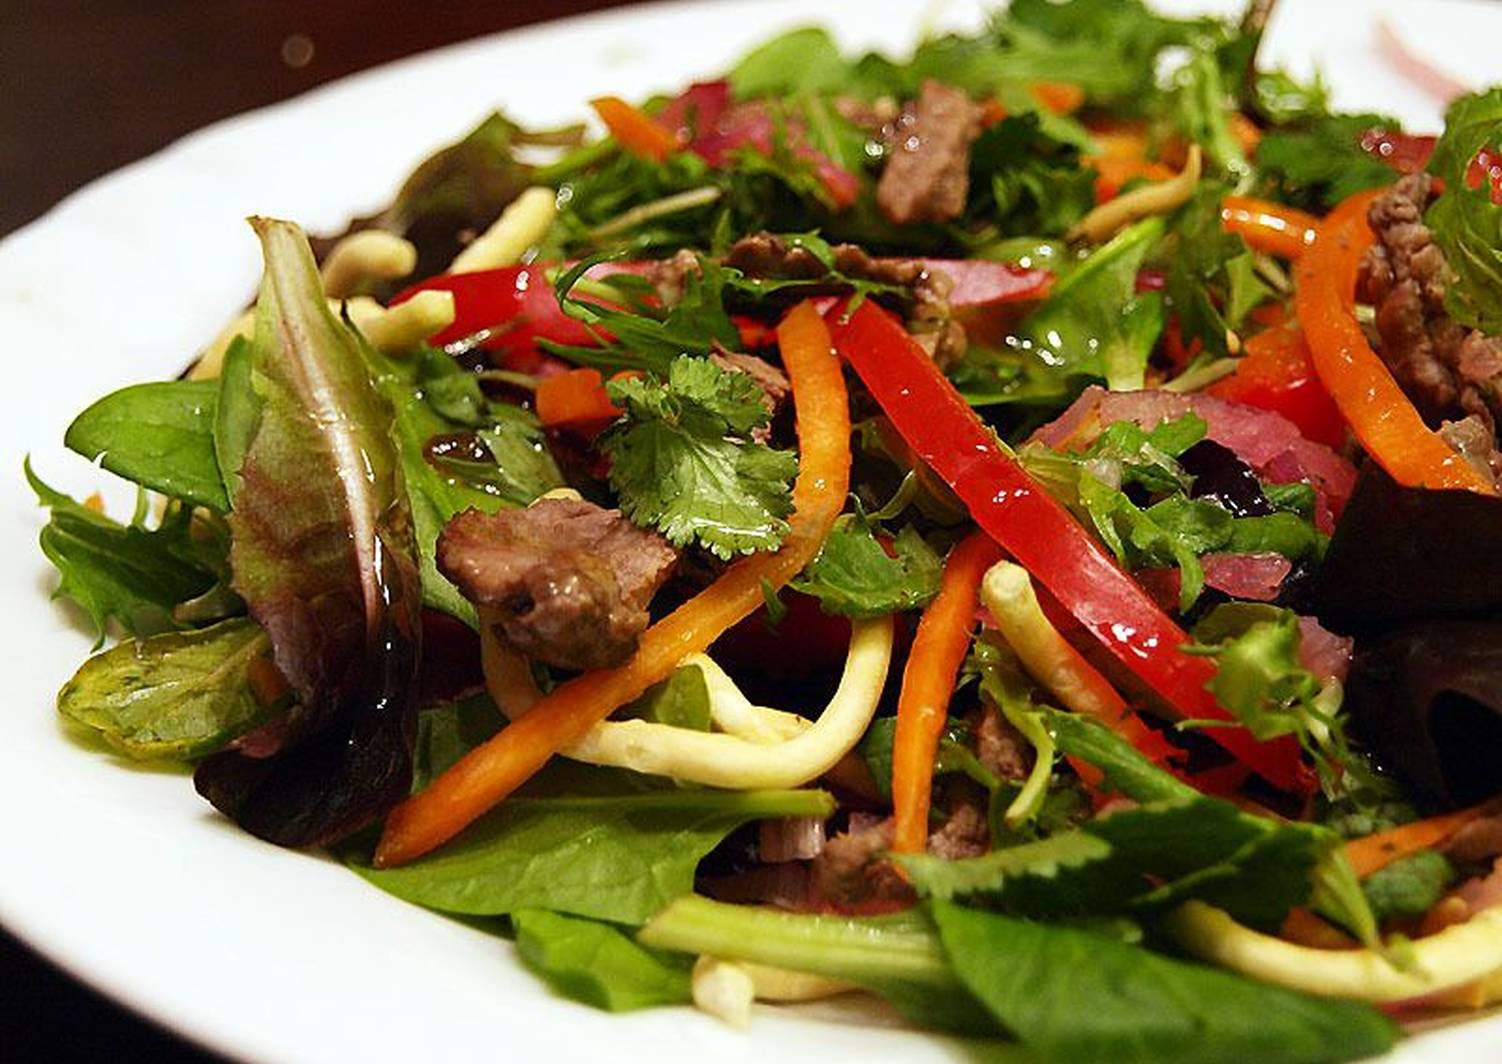 салат из говядины отварной рецепт с фото